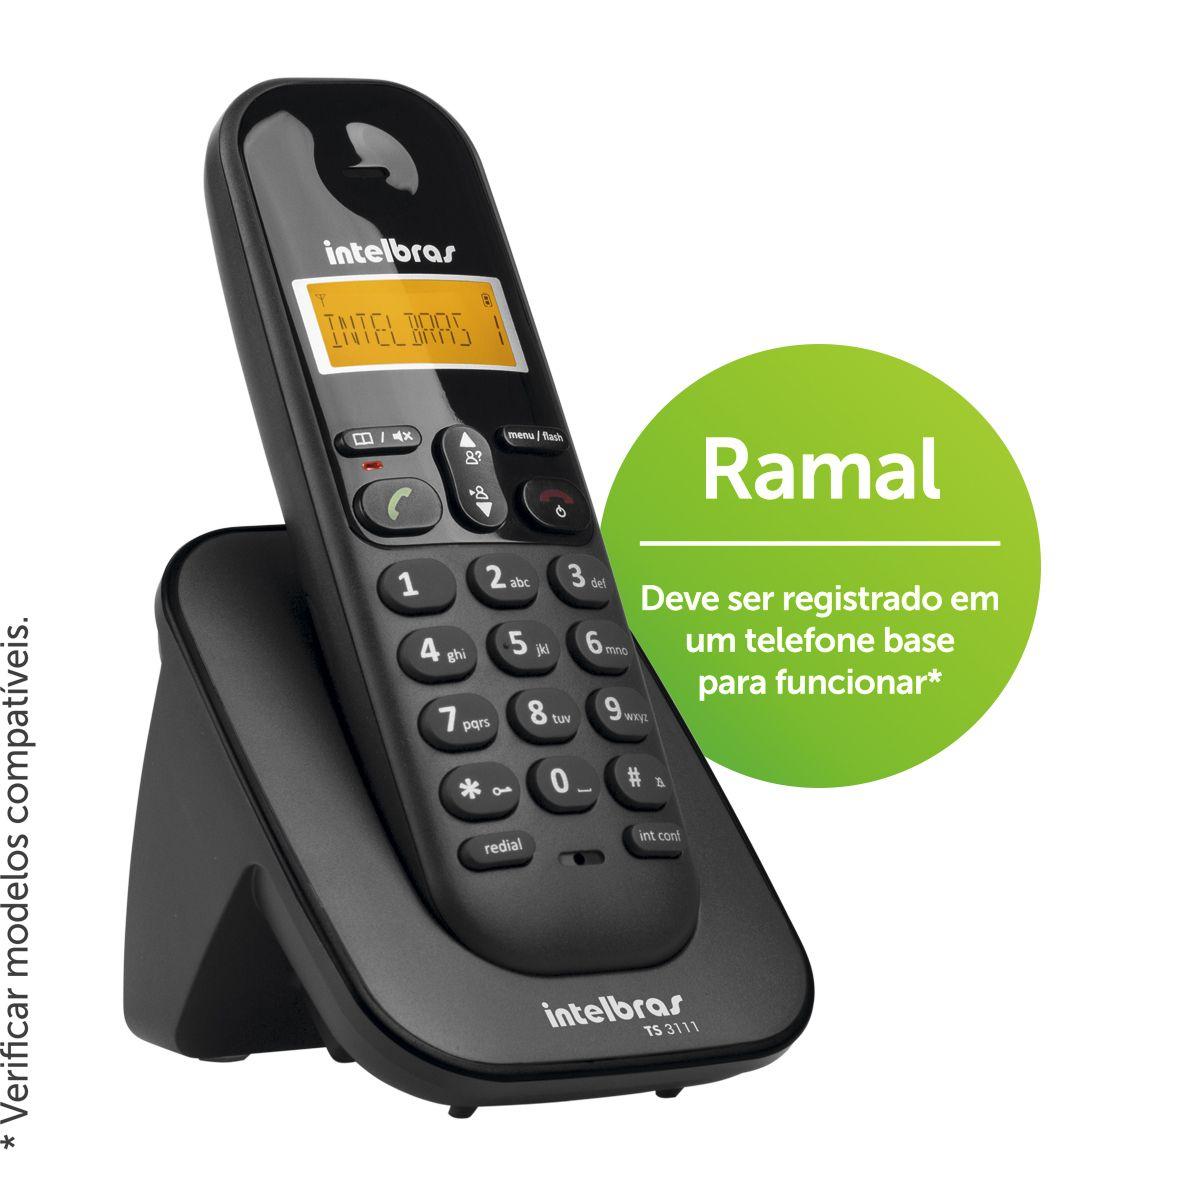 Ramal sem fio TS 3111 PT - Hope Tech Telecomunicações